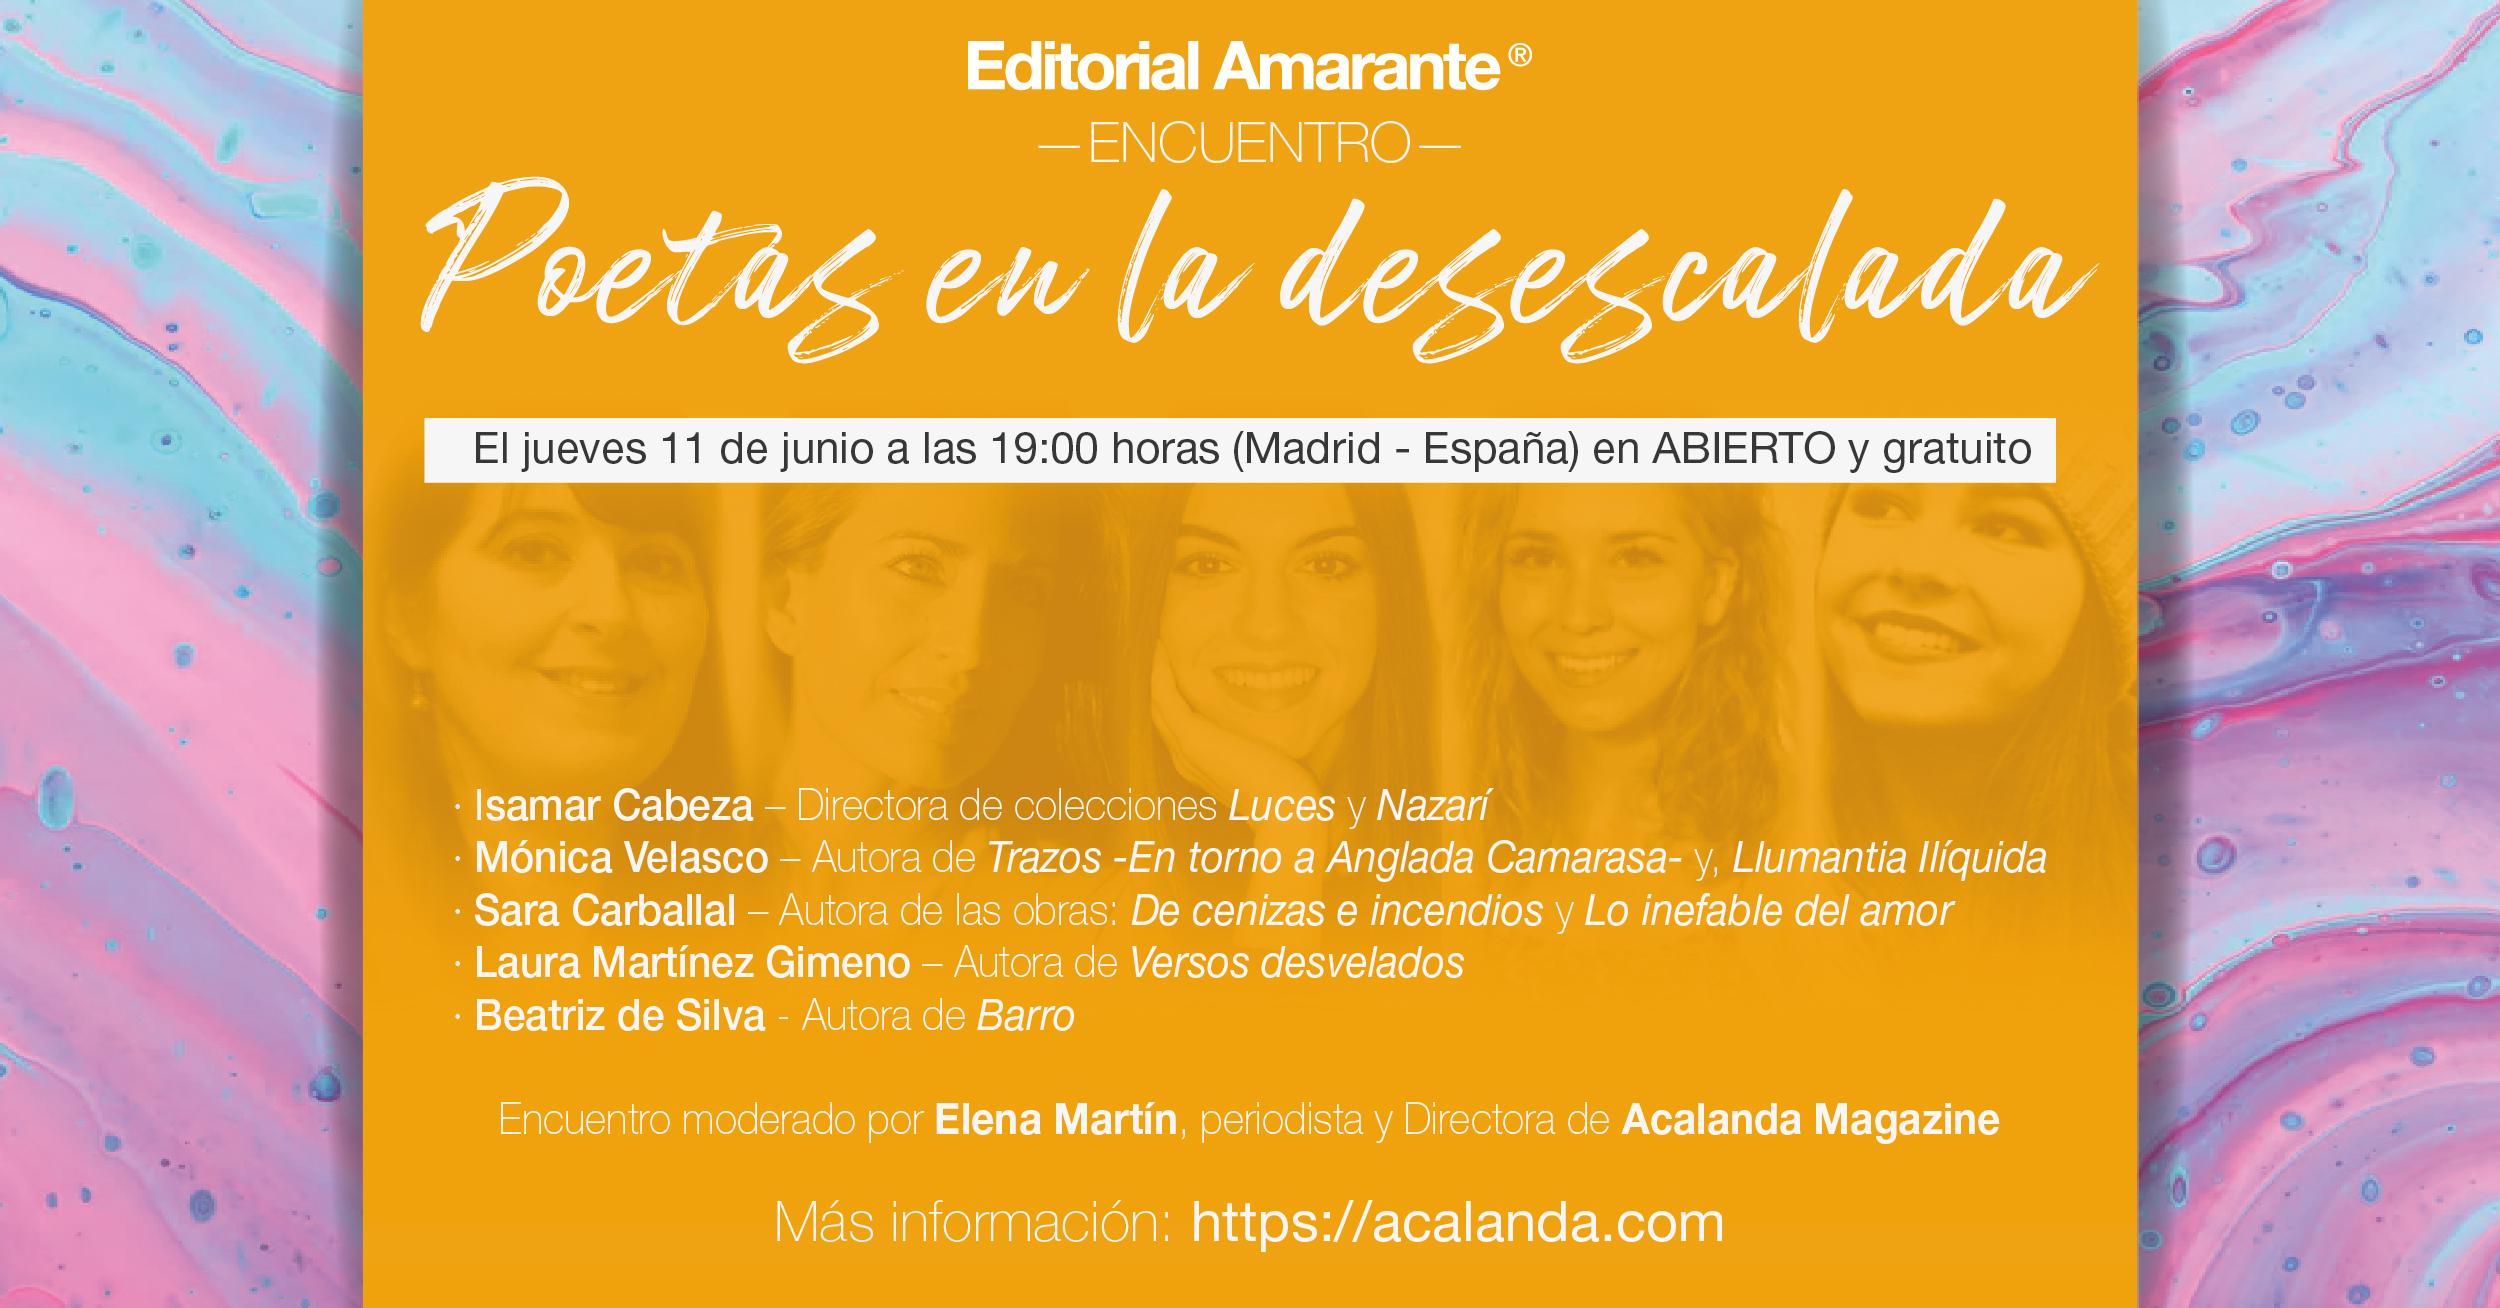 Editorial Amarante - Poetas en la desescalada